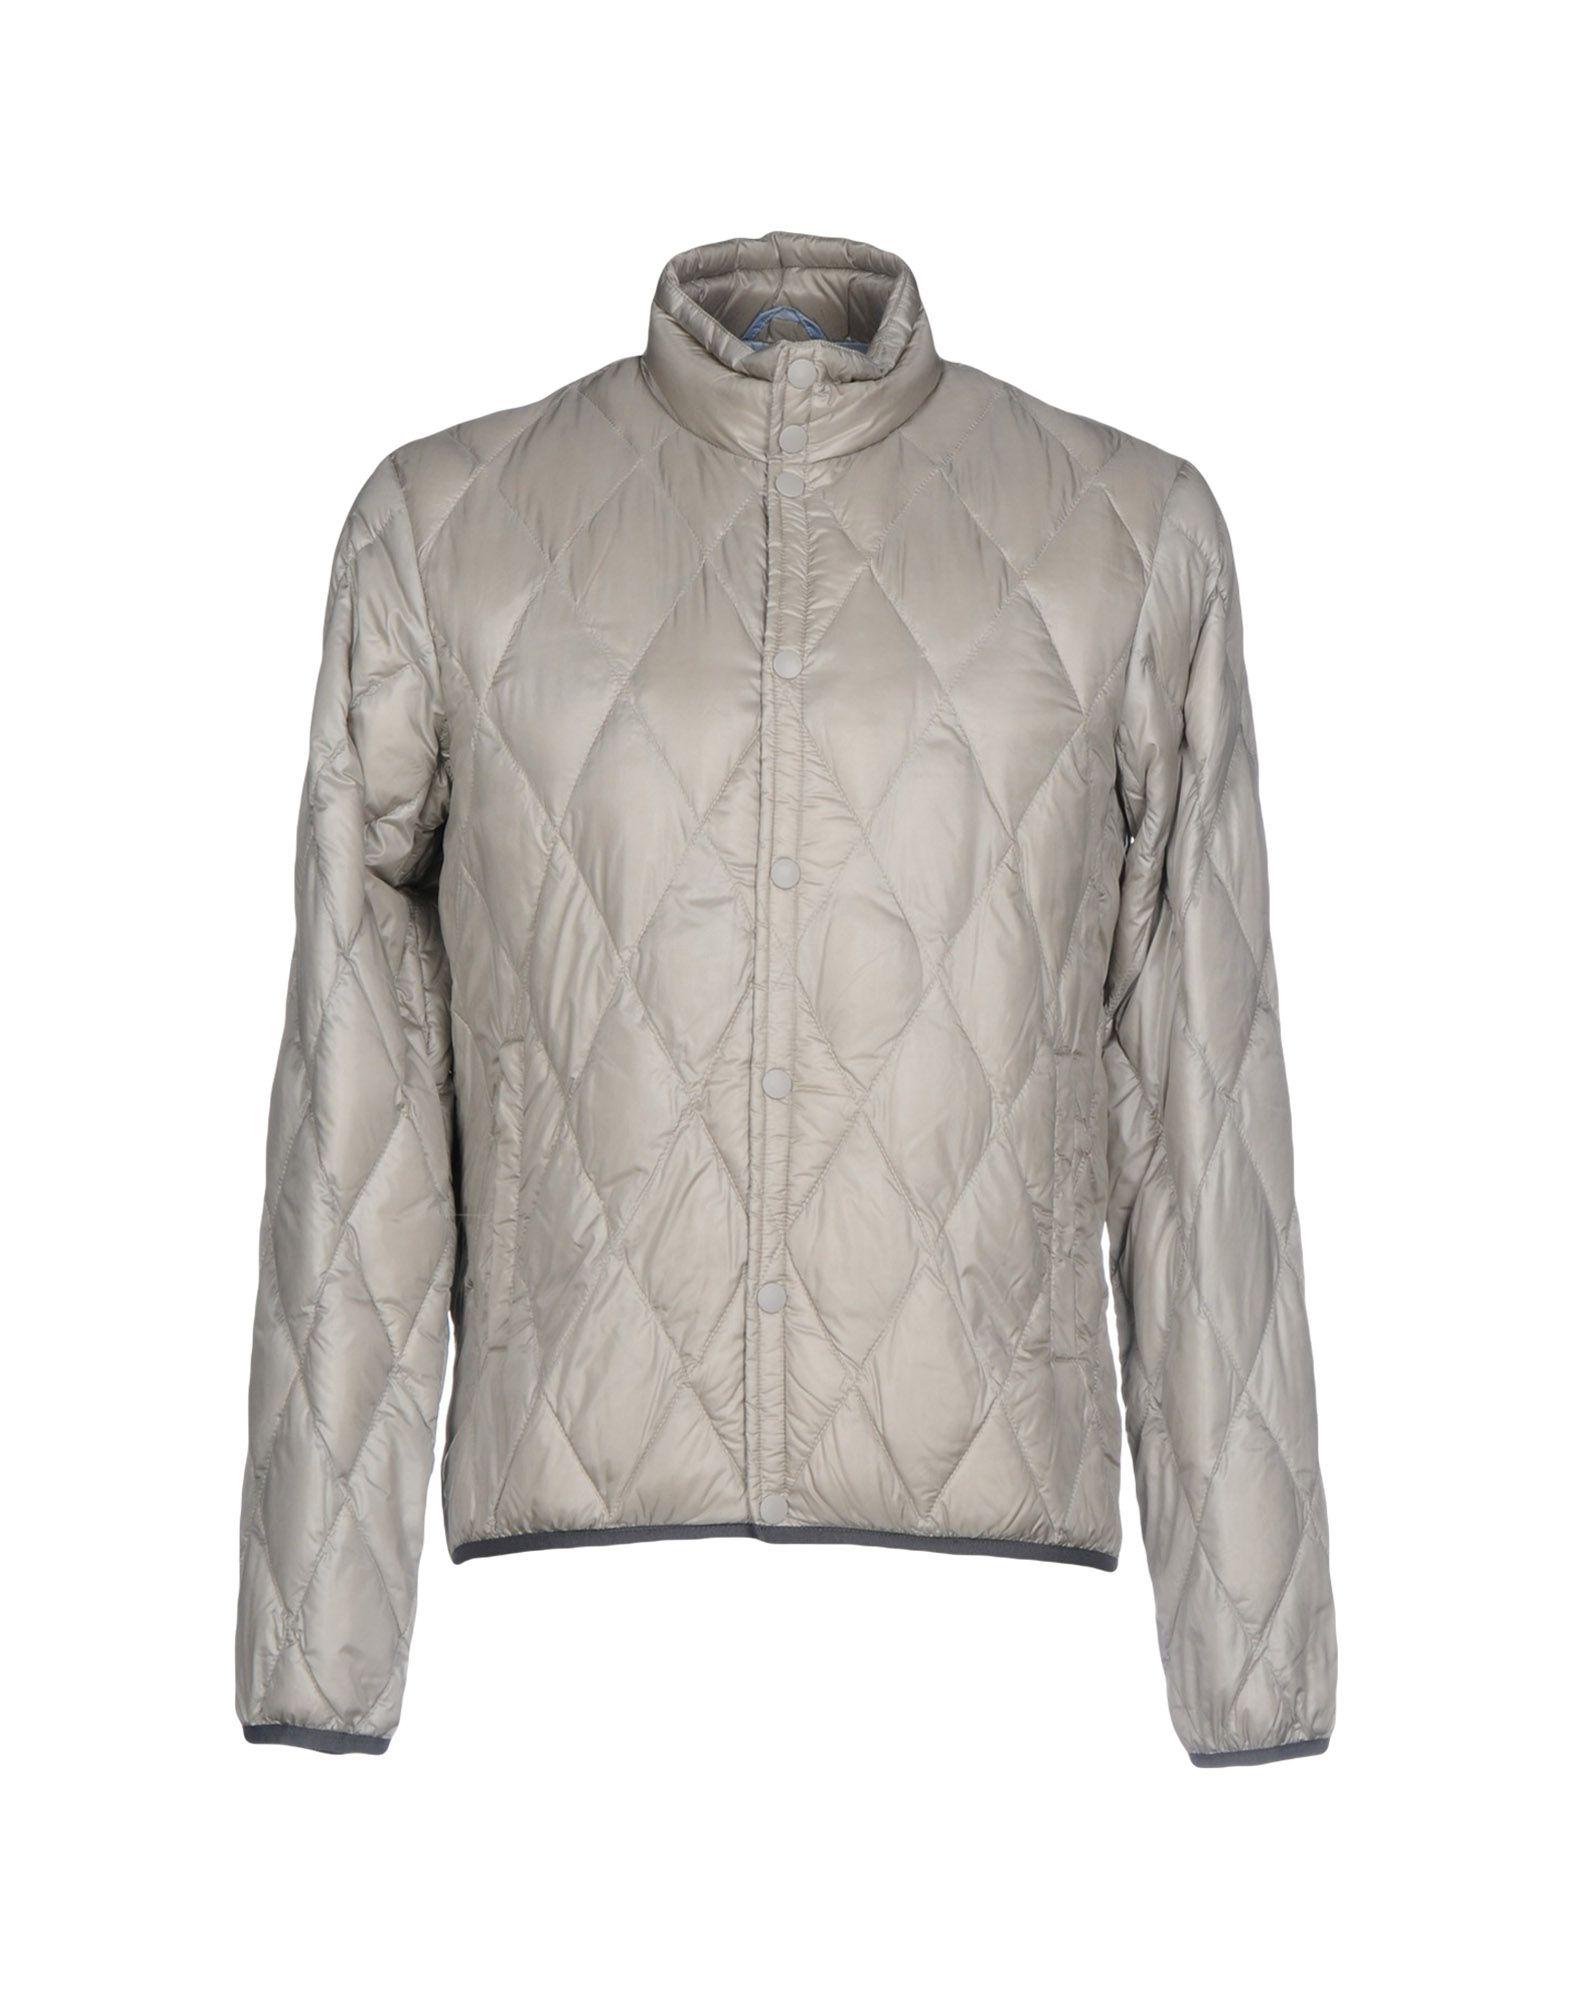 《送料無料》BPD BE PROUD OF THIS DRESS メンズ ダウンジャケット ライトグレー XL ナイロン 100%